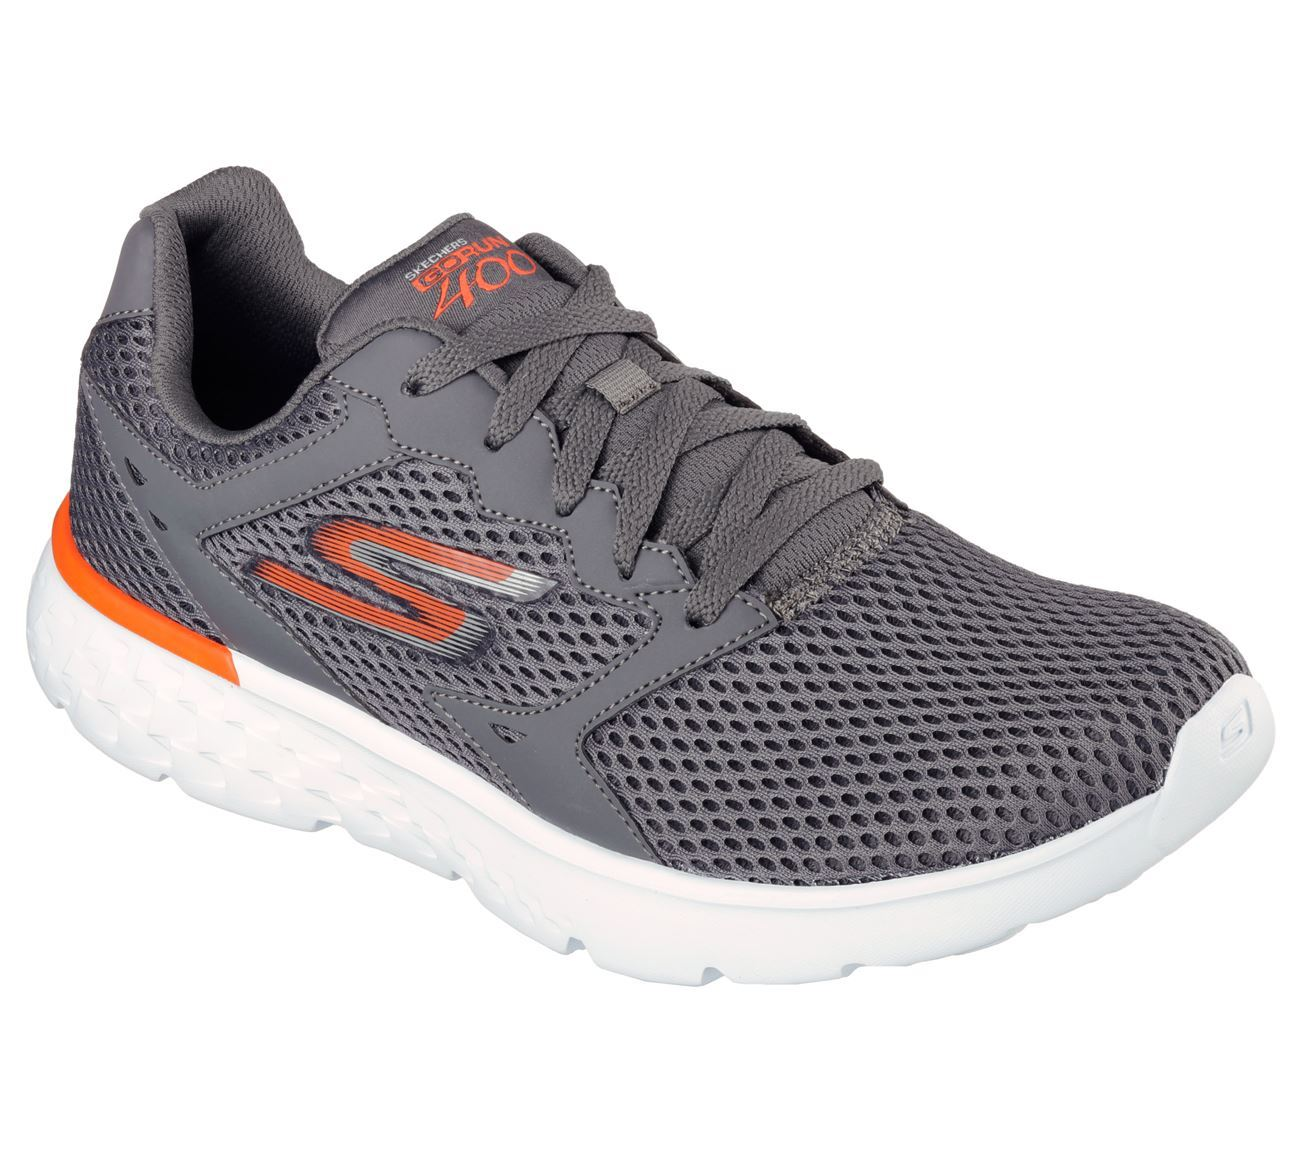 SKECHERS para Carbón/Naranja, Hombre Correr Entrenadores en Go Run 400 Carbón/Naranja, para Tamaño UK5.5-UK13 55eccf